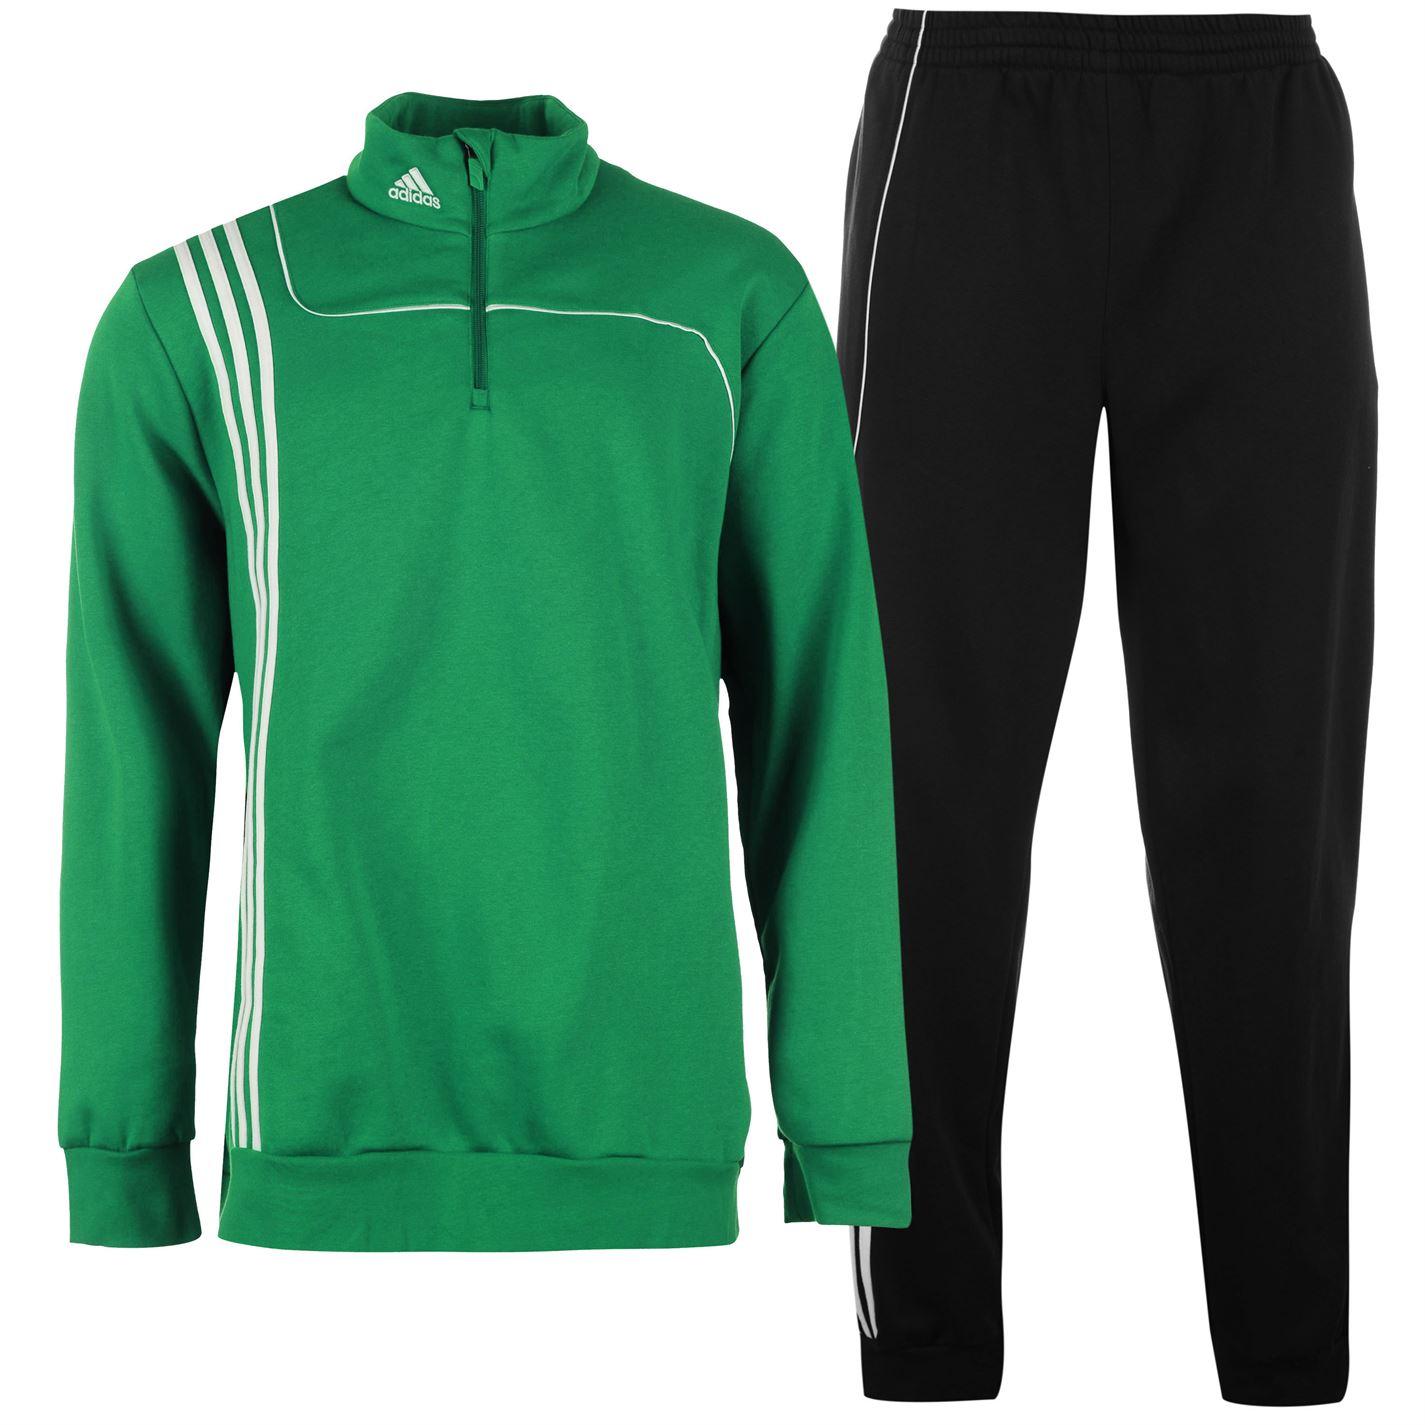 adidas 3 streifen sere swt herren trainingsanzug anzug 2. Black Bedroom Furniture Sets. Home Design Ideas